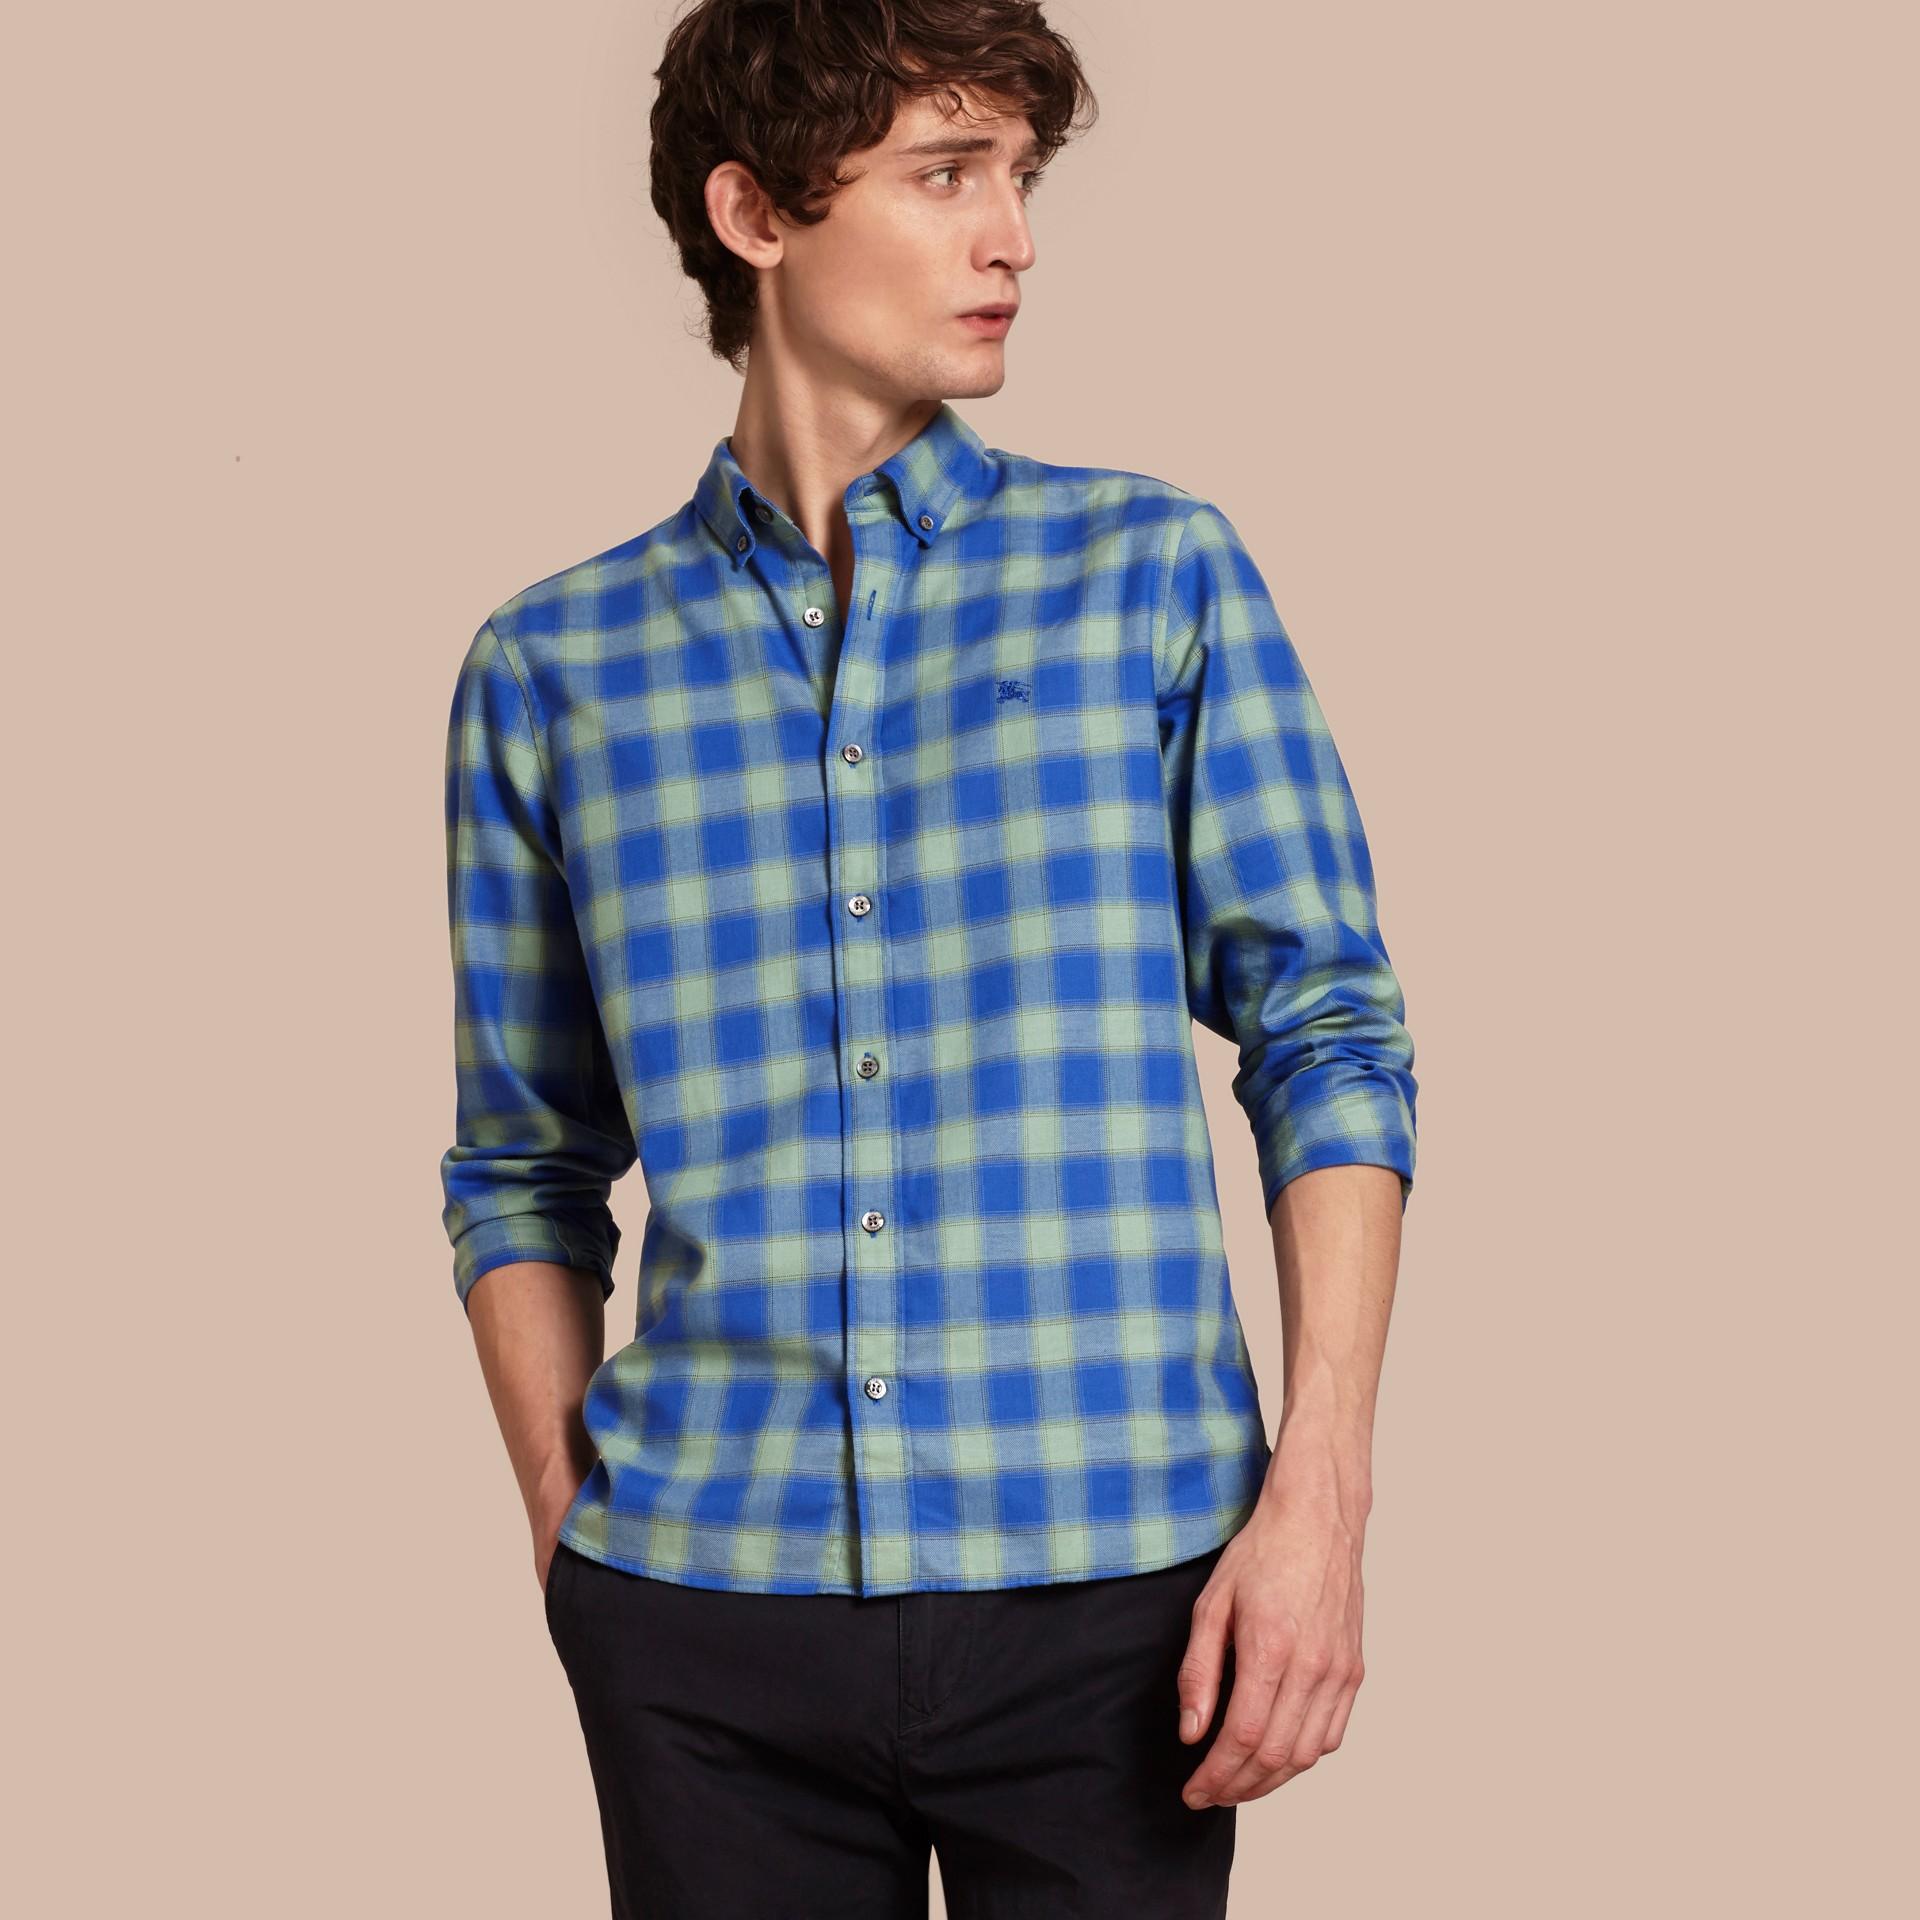 Verde eucalipto Camisa de algodão com estampa xadrez Gingham Verde Eucalipto - galeria de imagens 1